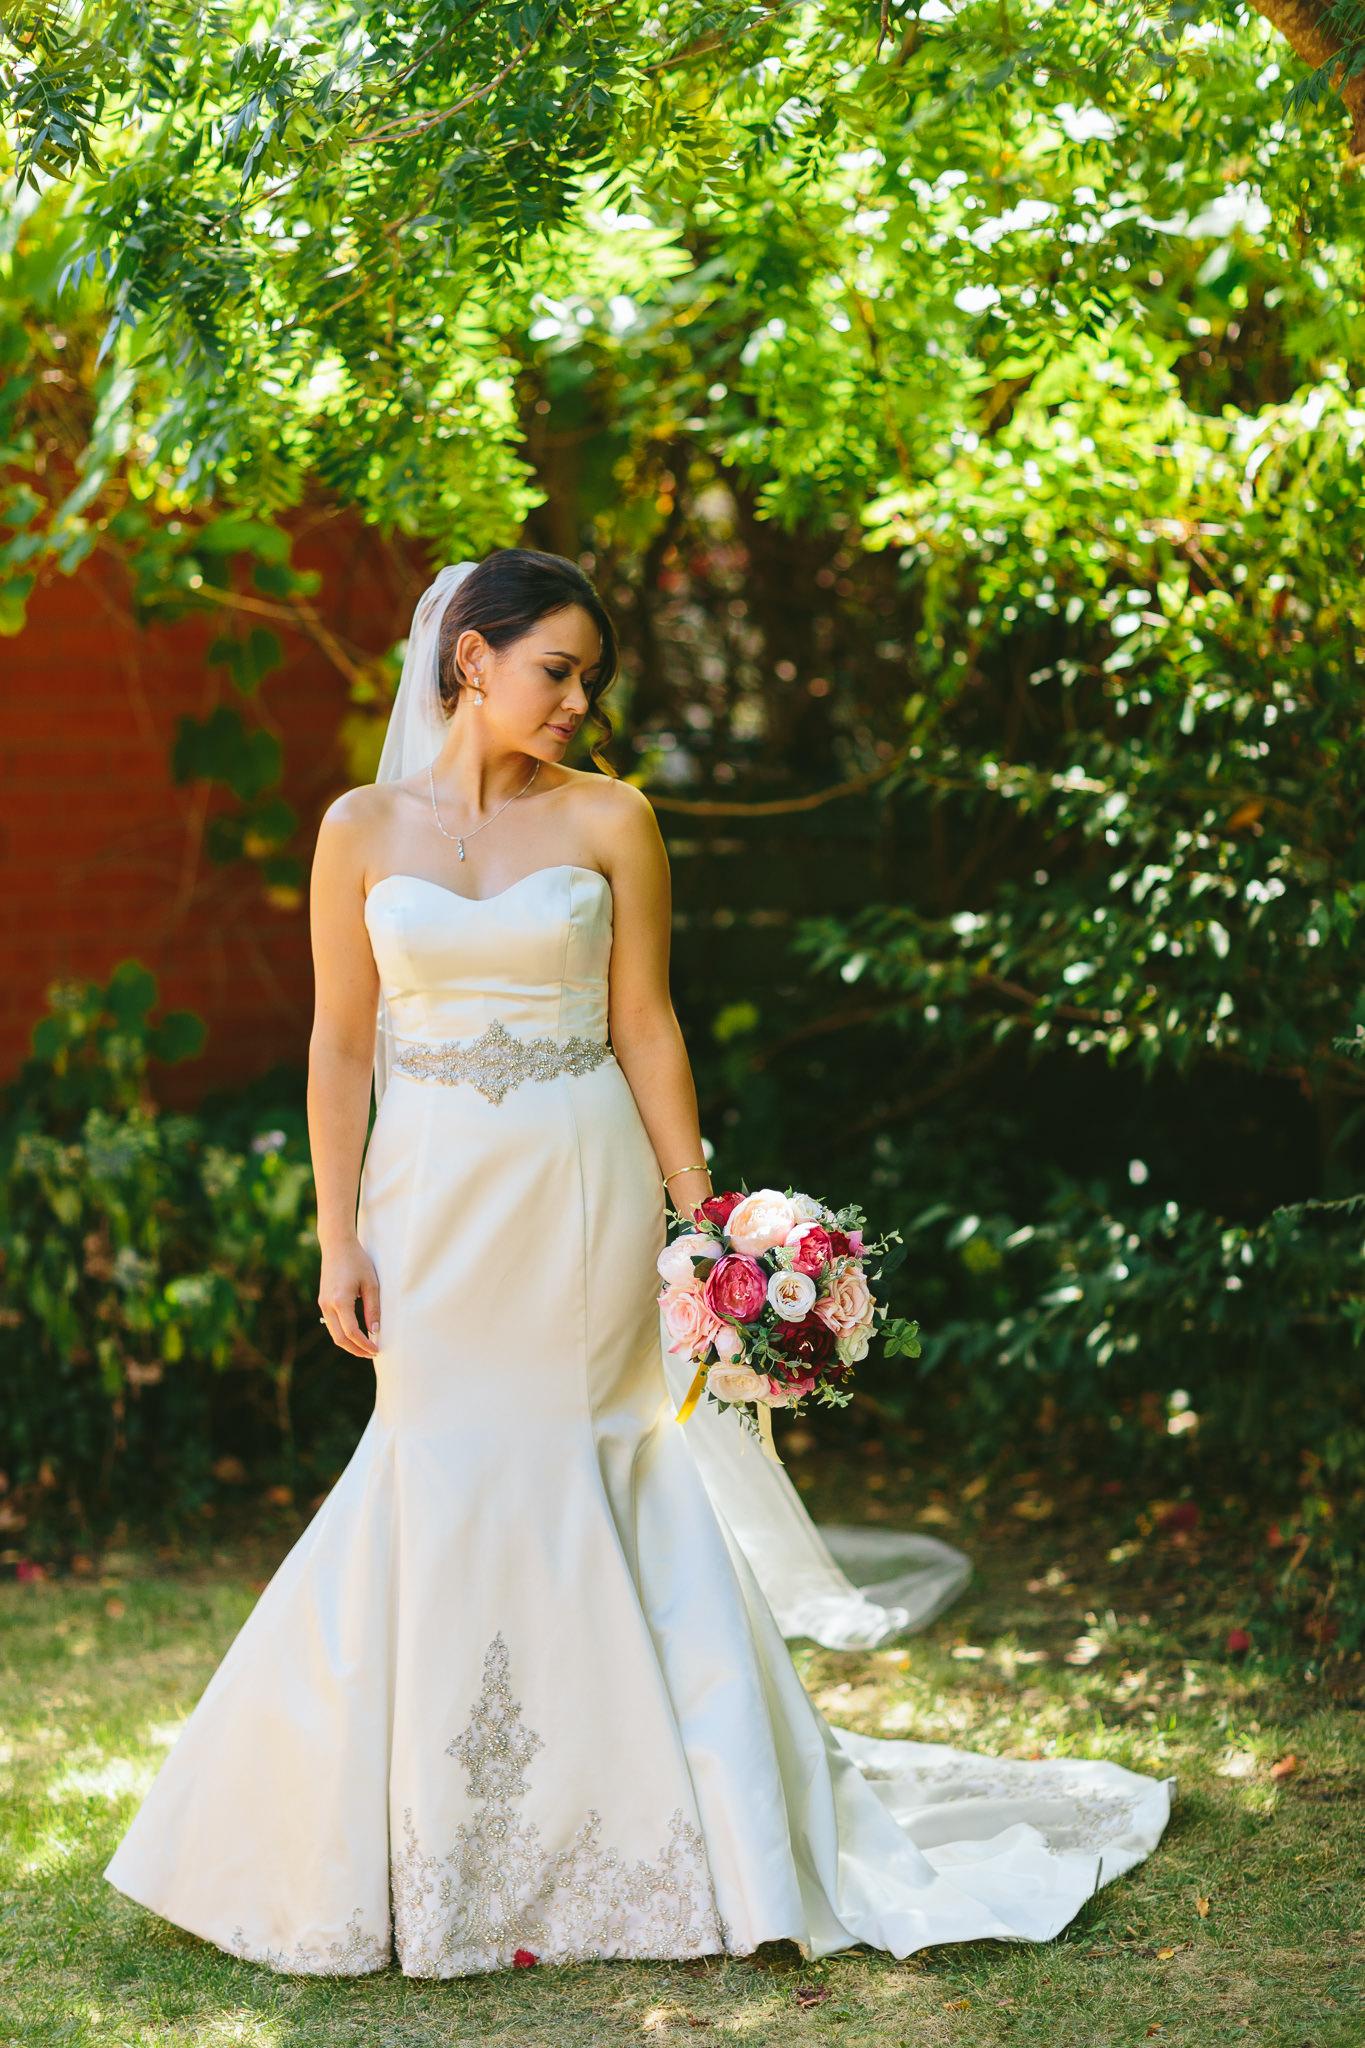 ANU Bride